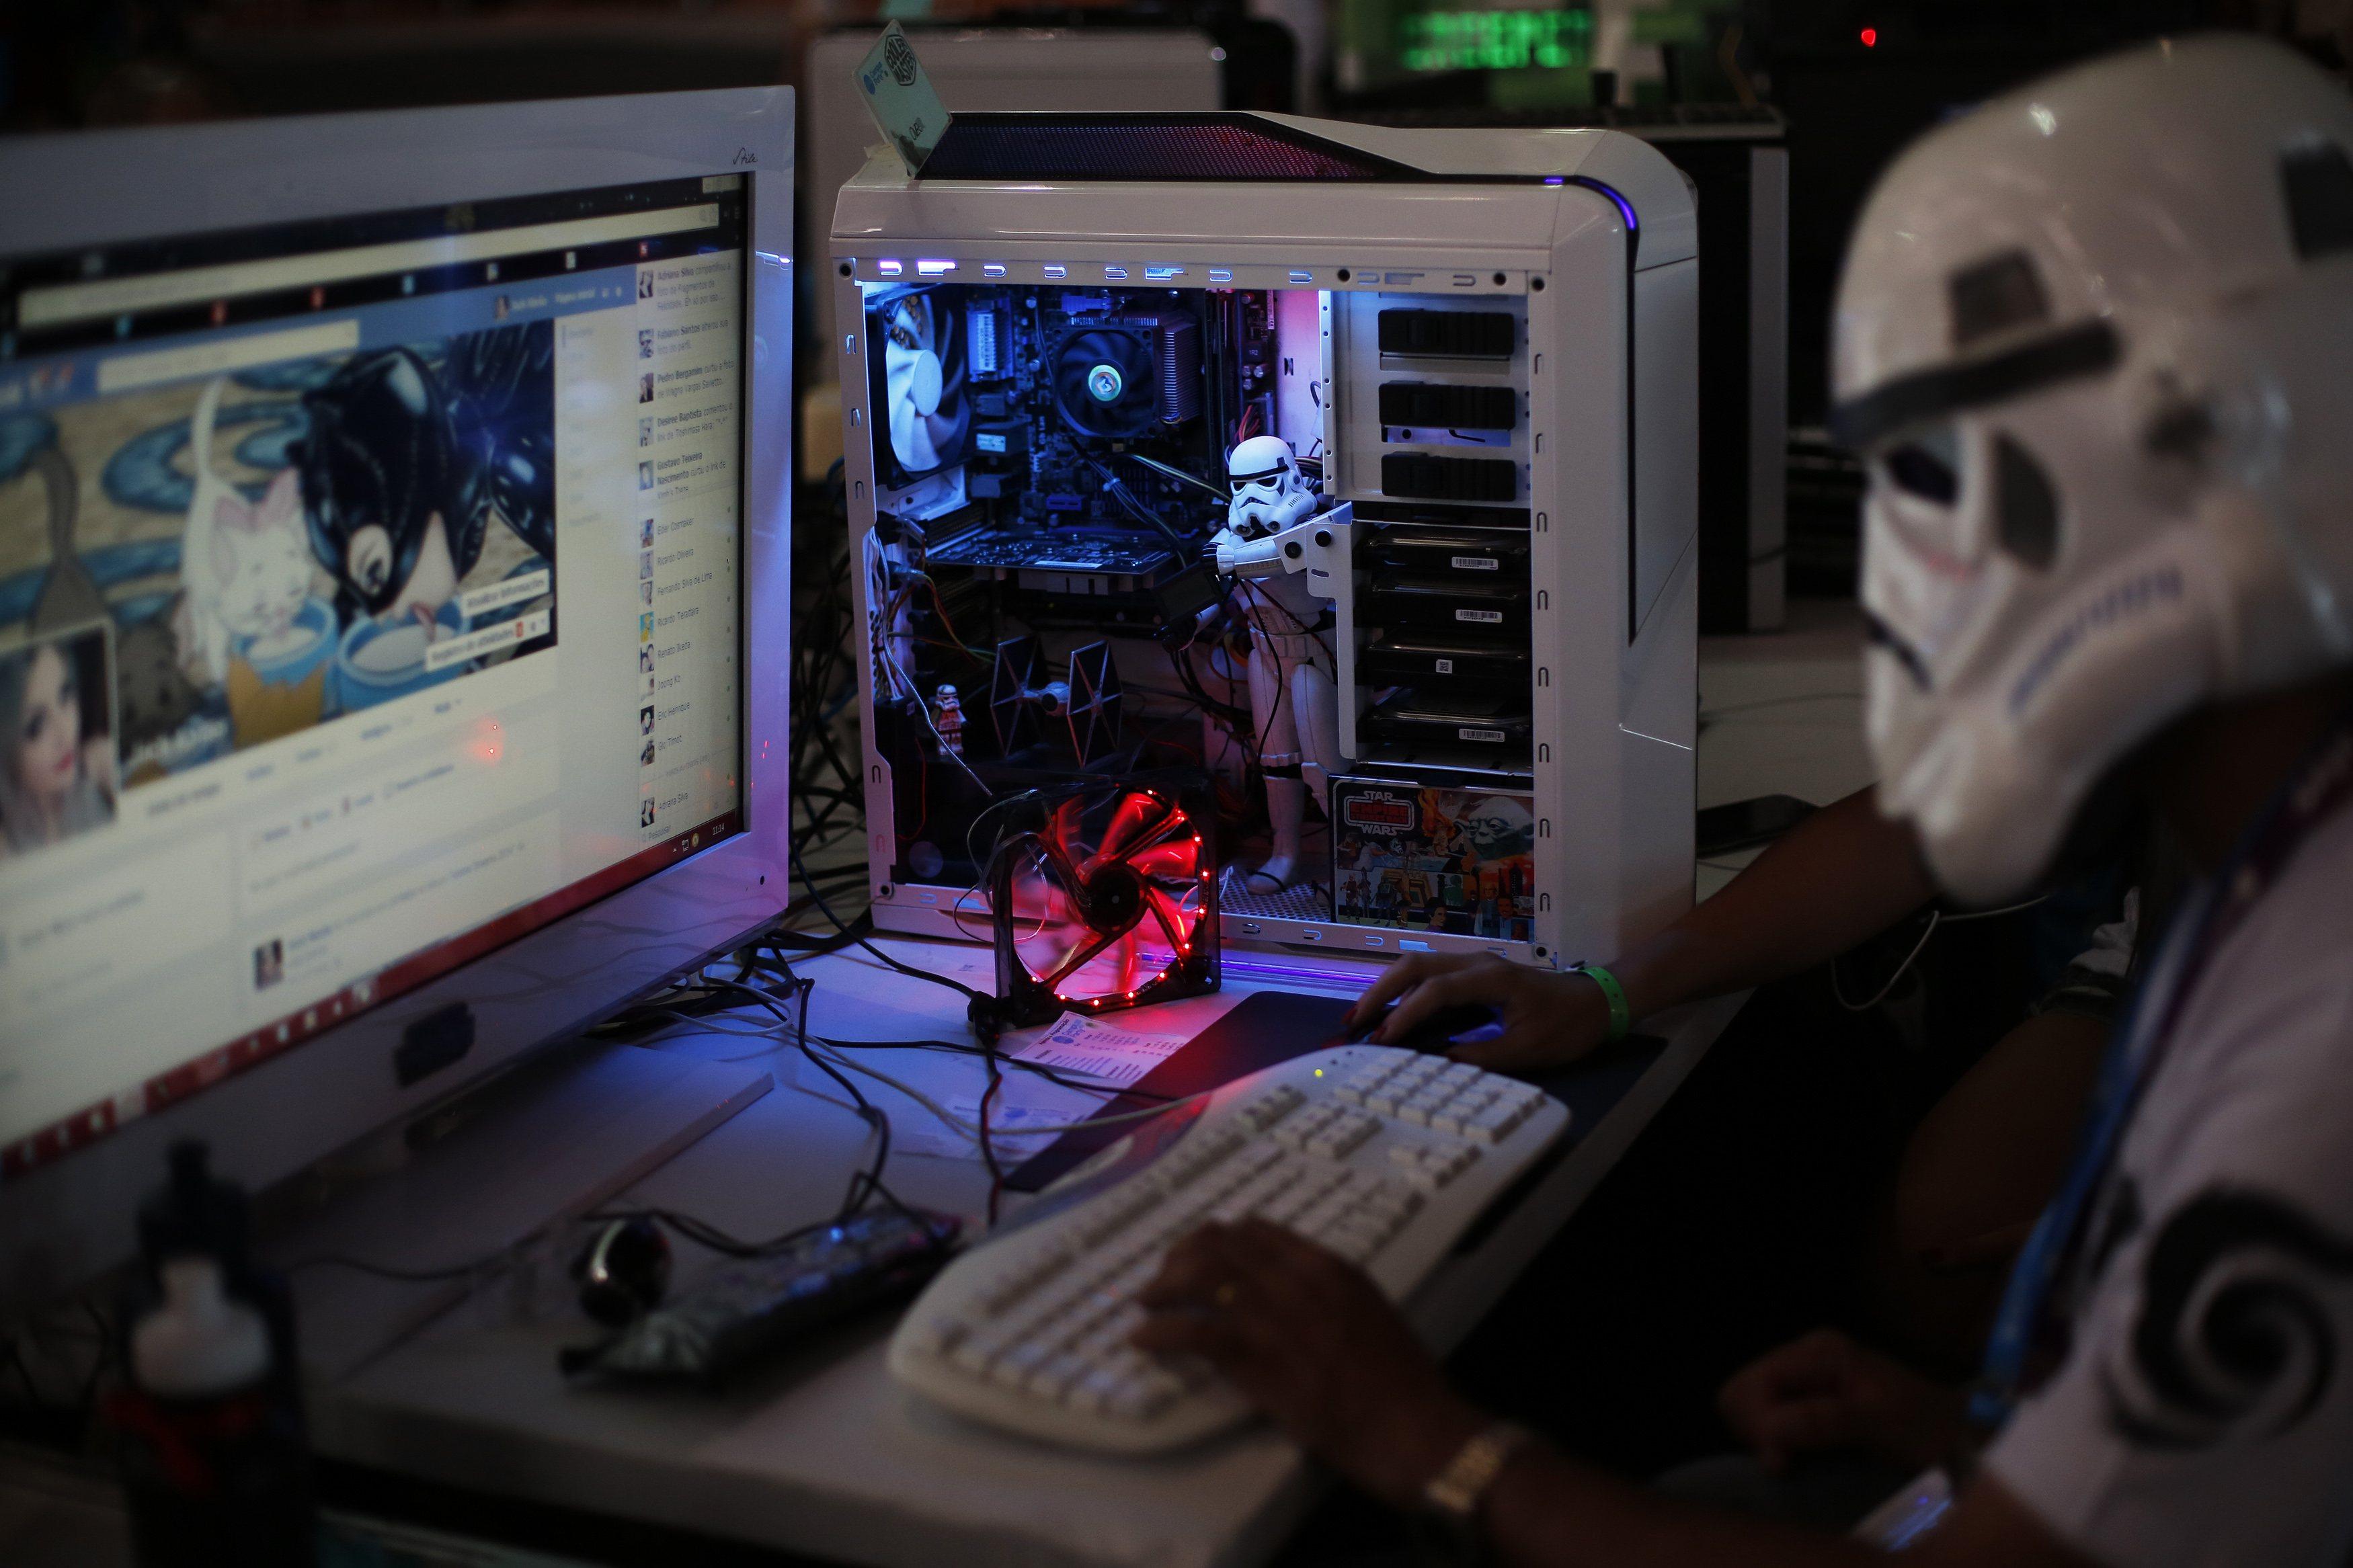 En Afrique de l'Ouest, les réseaux de cybercriminalité se sont considérablement renforcés, selon un rapport conjoint d'Interpol, Trend Micro